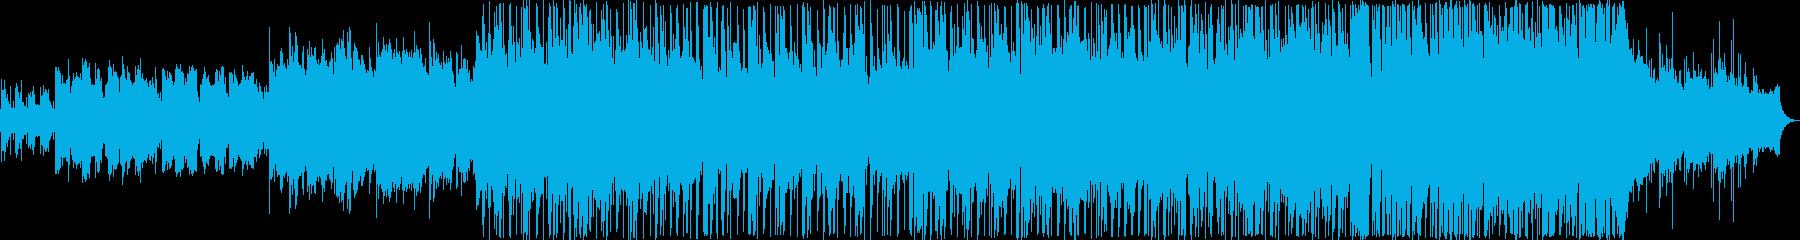 明るく爽やかなポップバラードの再生済みの波形